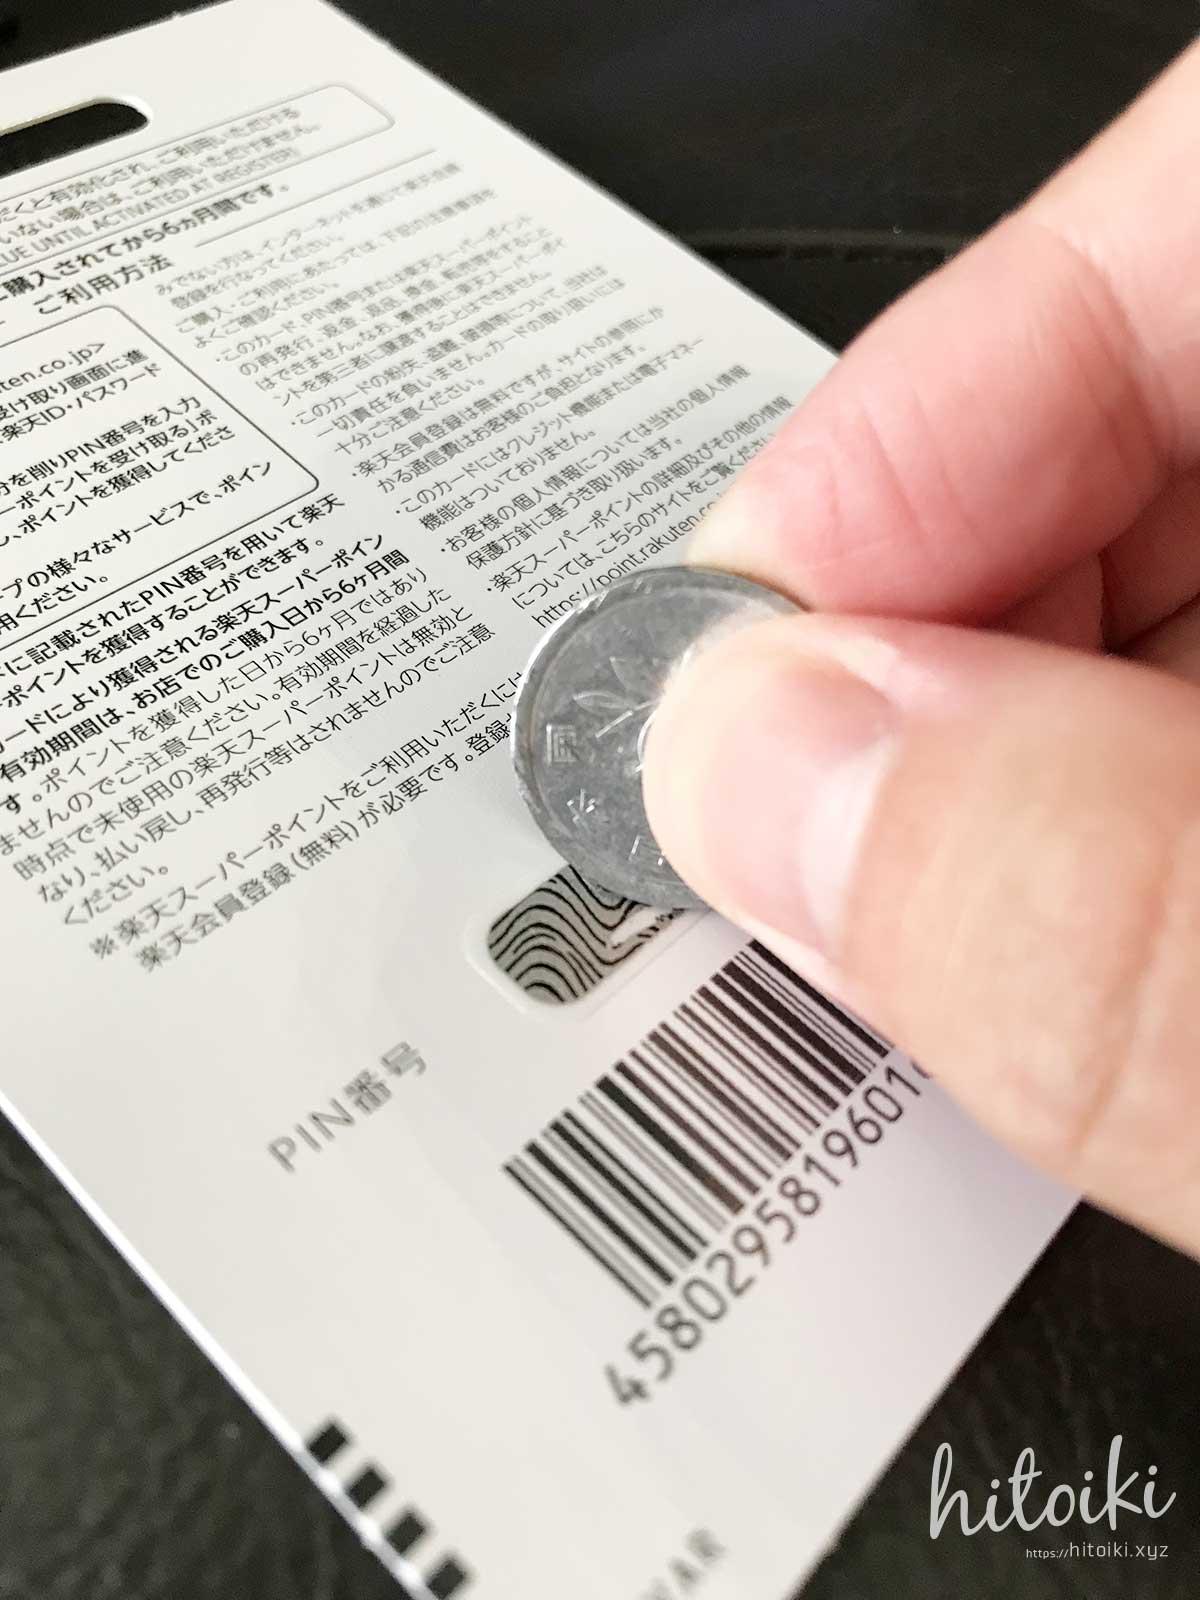 楽天ポイントギフトカードの受け取り方・もらい方・贈り方の手順や方法をまとめた! rakuten_pointgiftcard_img_1282